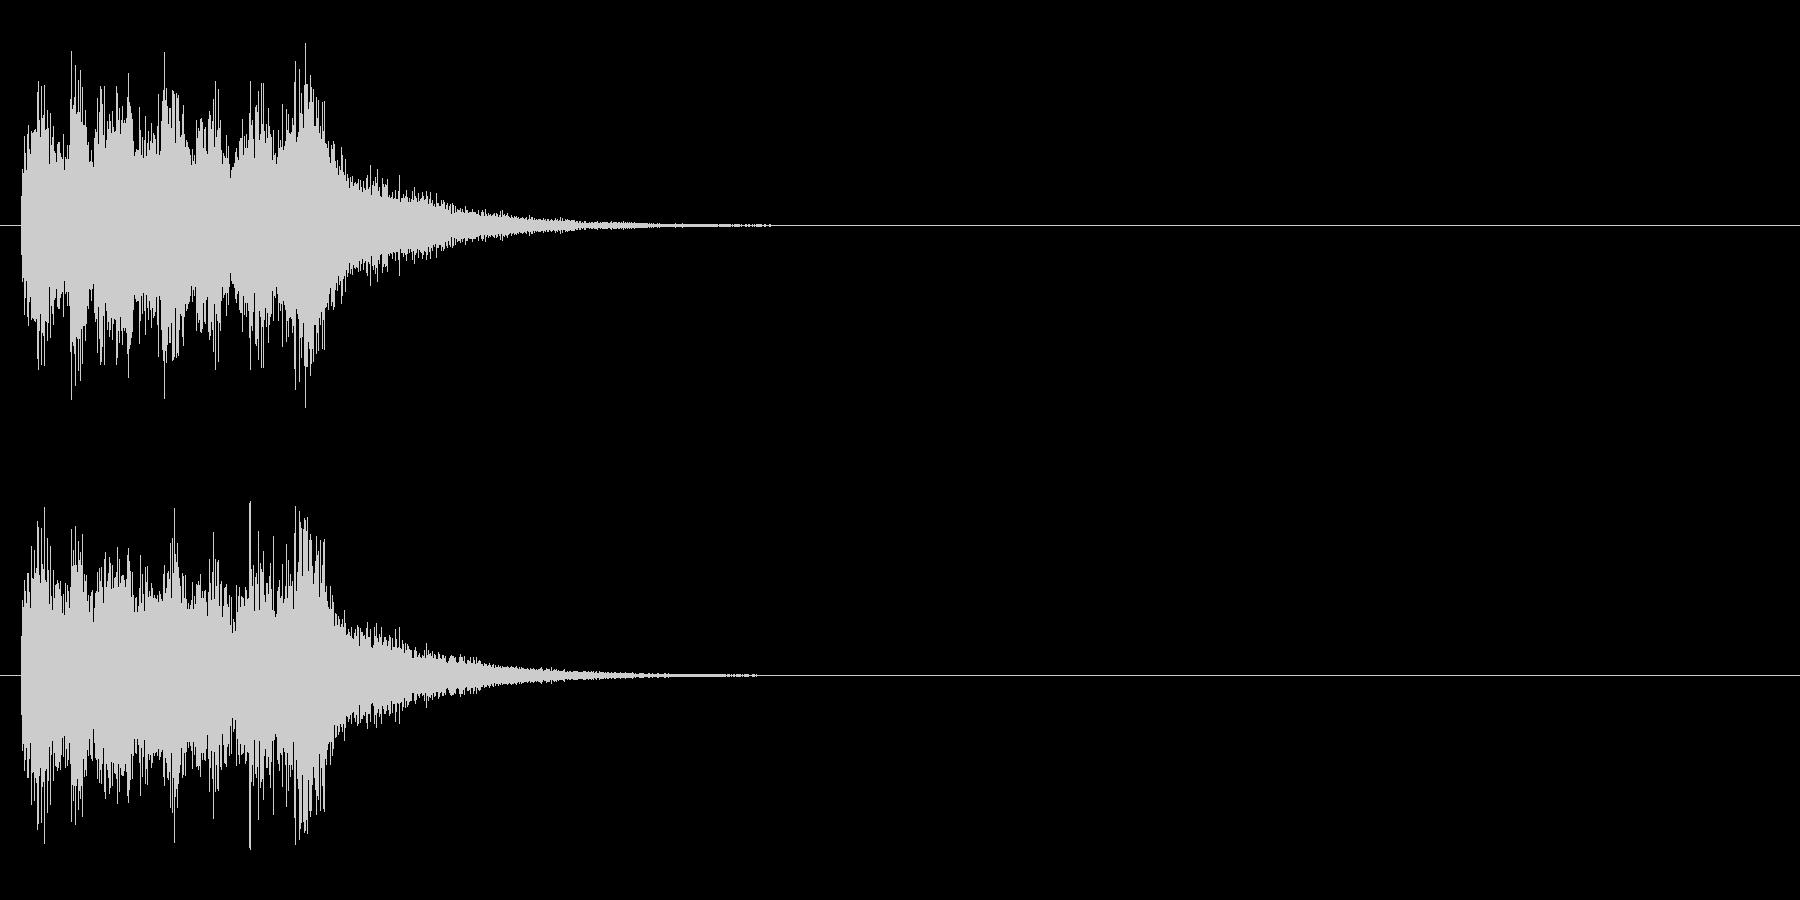 ジングル(オーケストラ・ヒット風)の未再生の波形